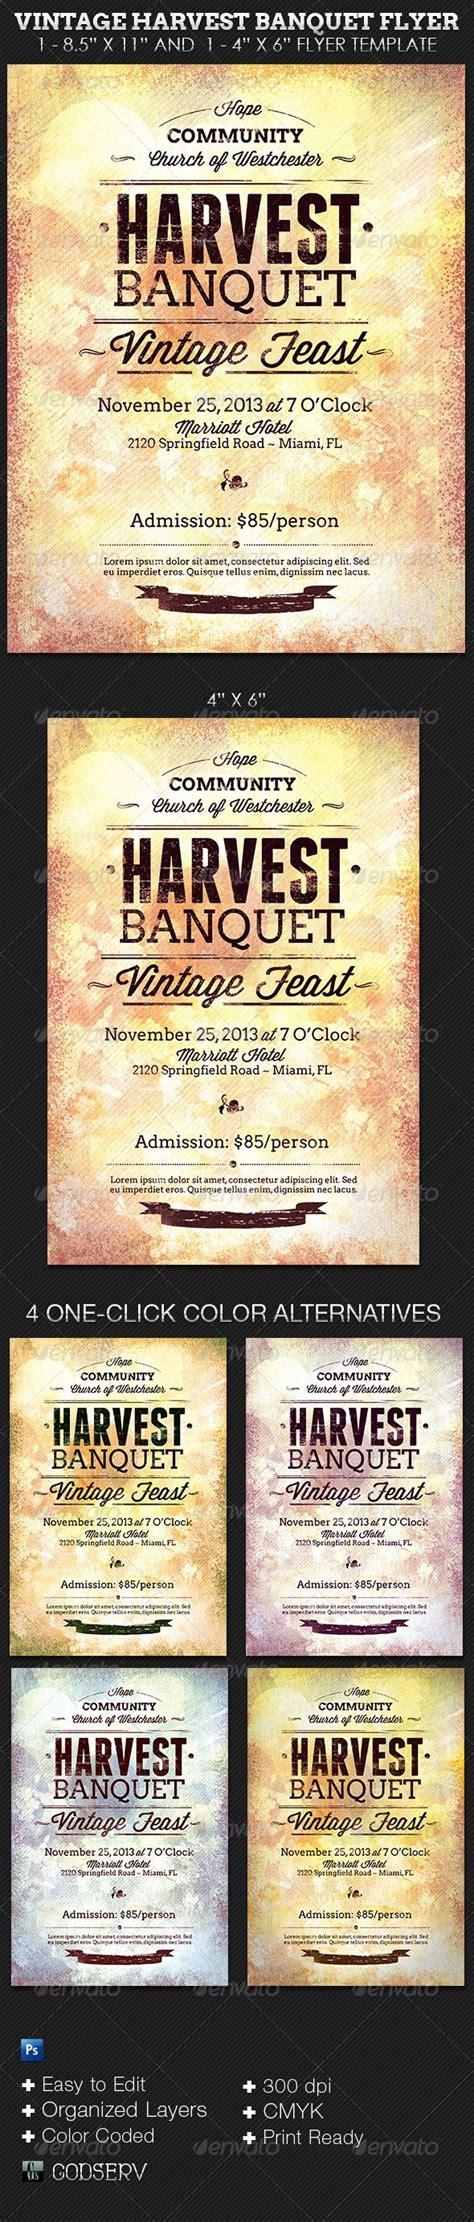 Vintage Harvest Banquet Flyer Template Luncheon Menu Banquet Flyer Template